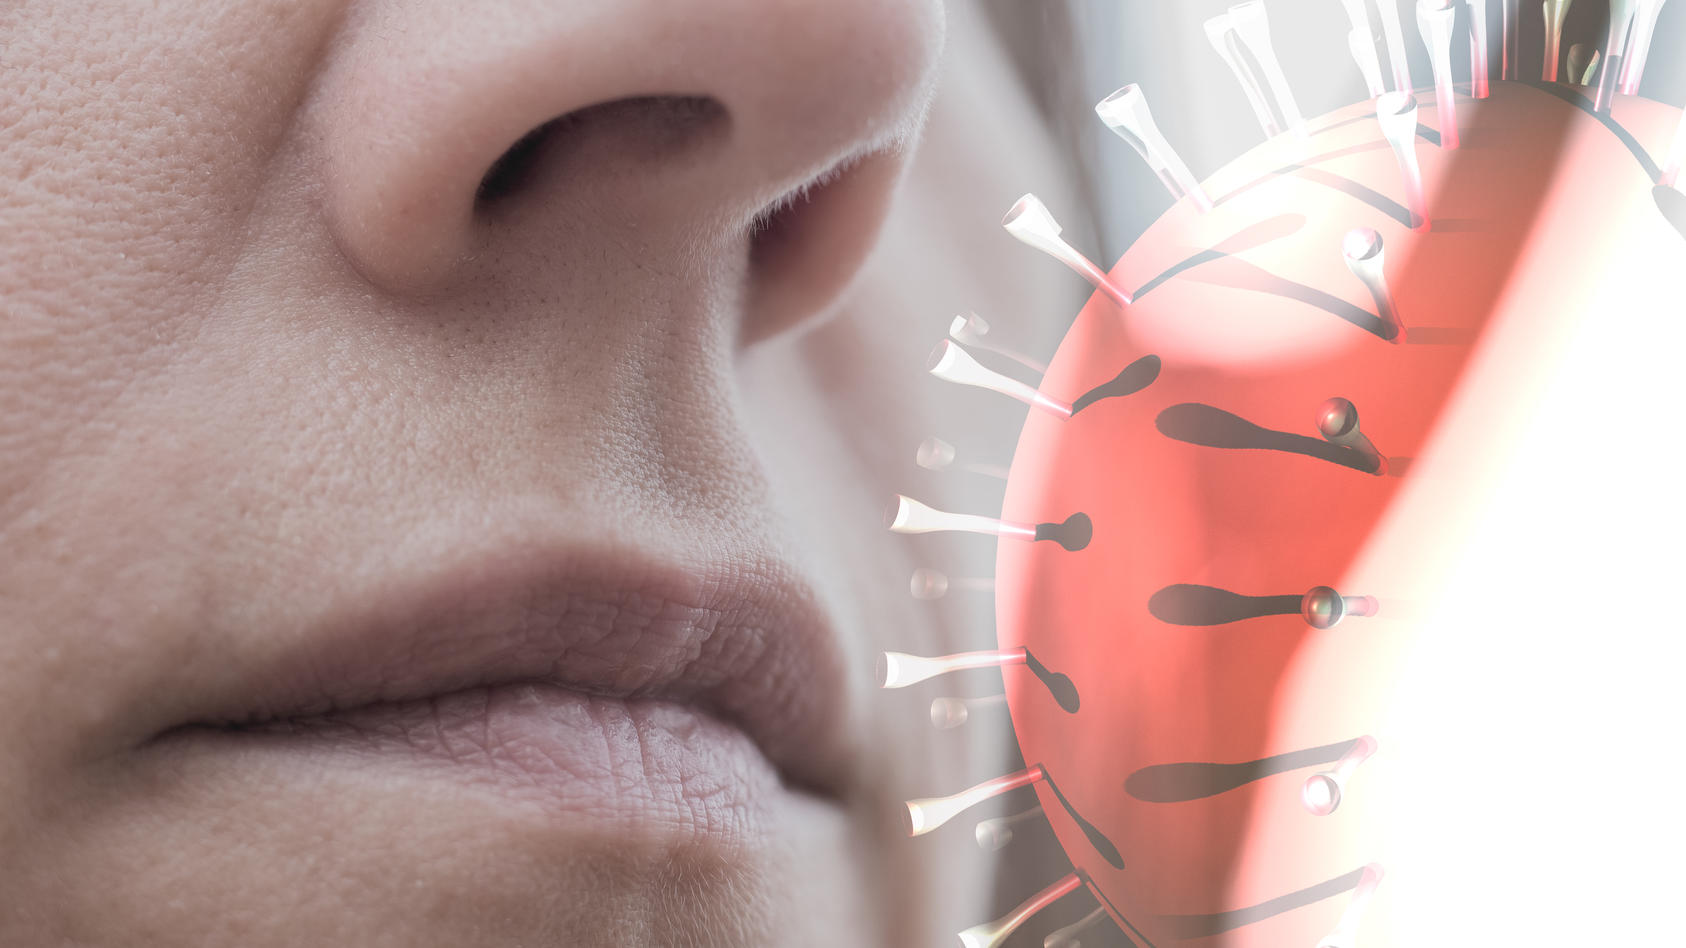 Aerosole galten lange als der wichtigste Übertragungsweg des Coronavirus. Nun werden Stimmen wach, die sagen: So gefährlich sind sie gar nicht. Was ist dran?